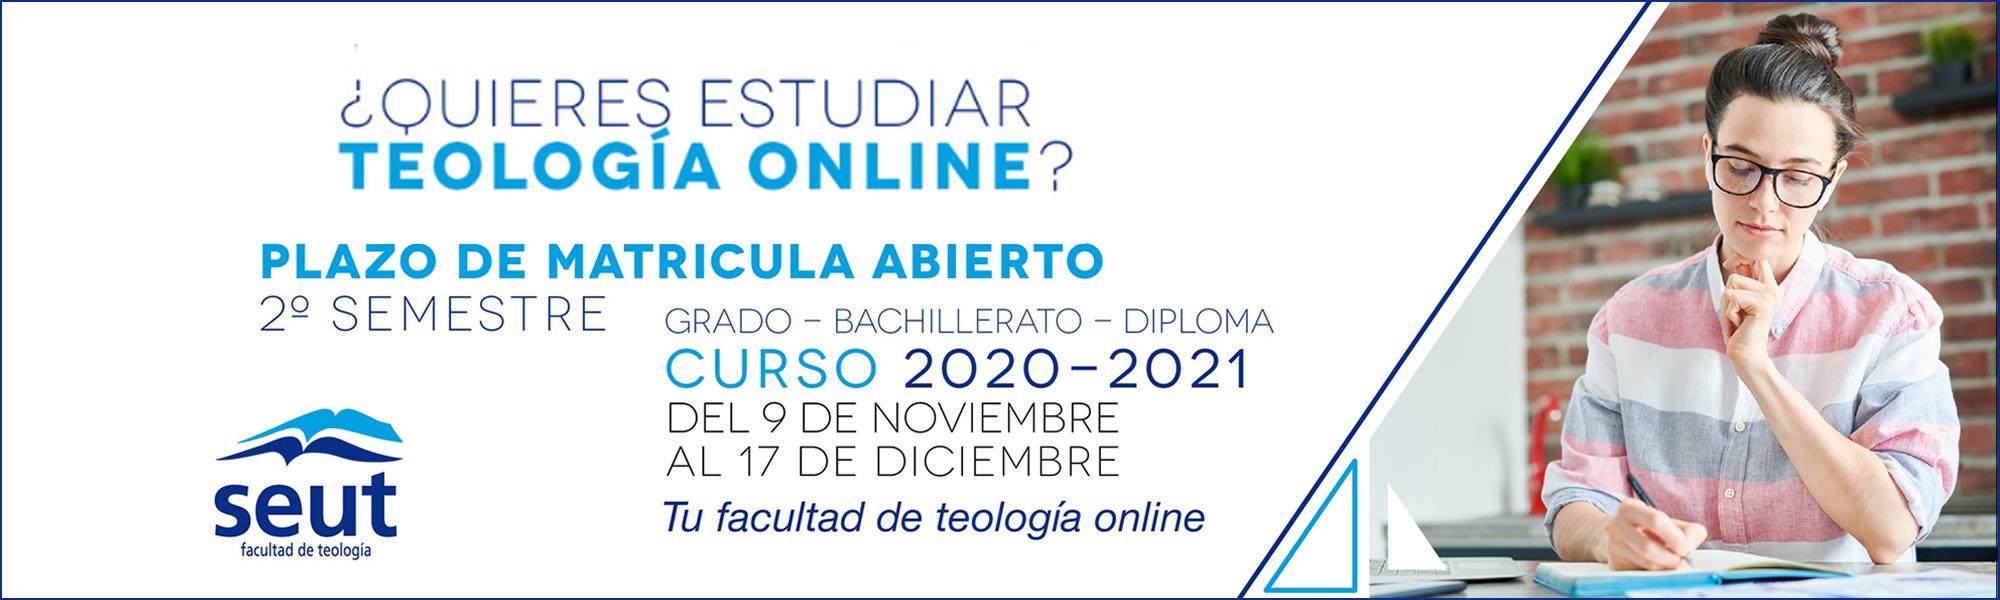 Matrícula Grado en Teología 2º trimestre 2020-2021